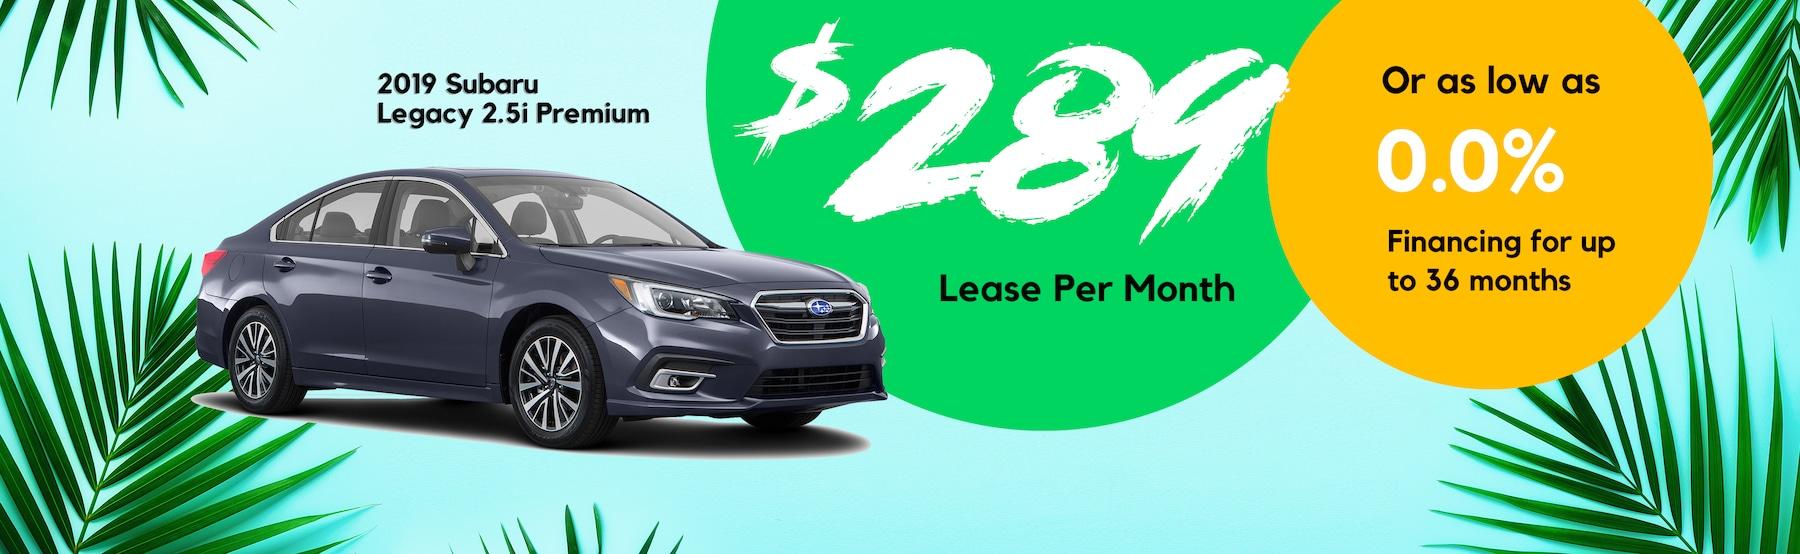 Subaru Dealers Nj >> Subaru Of Cherry Hill New 2019 2020 Subaru Dealer In Cherry Hill Nj